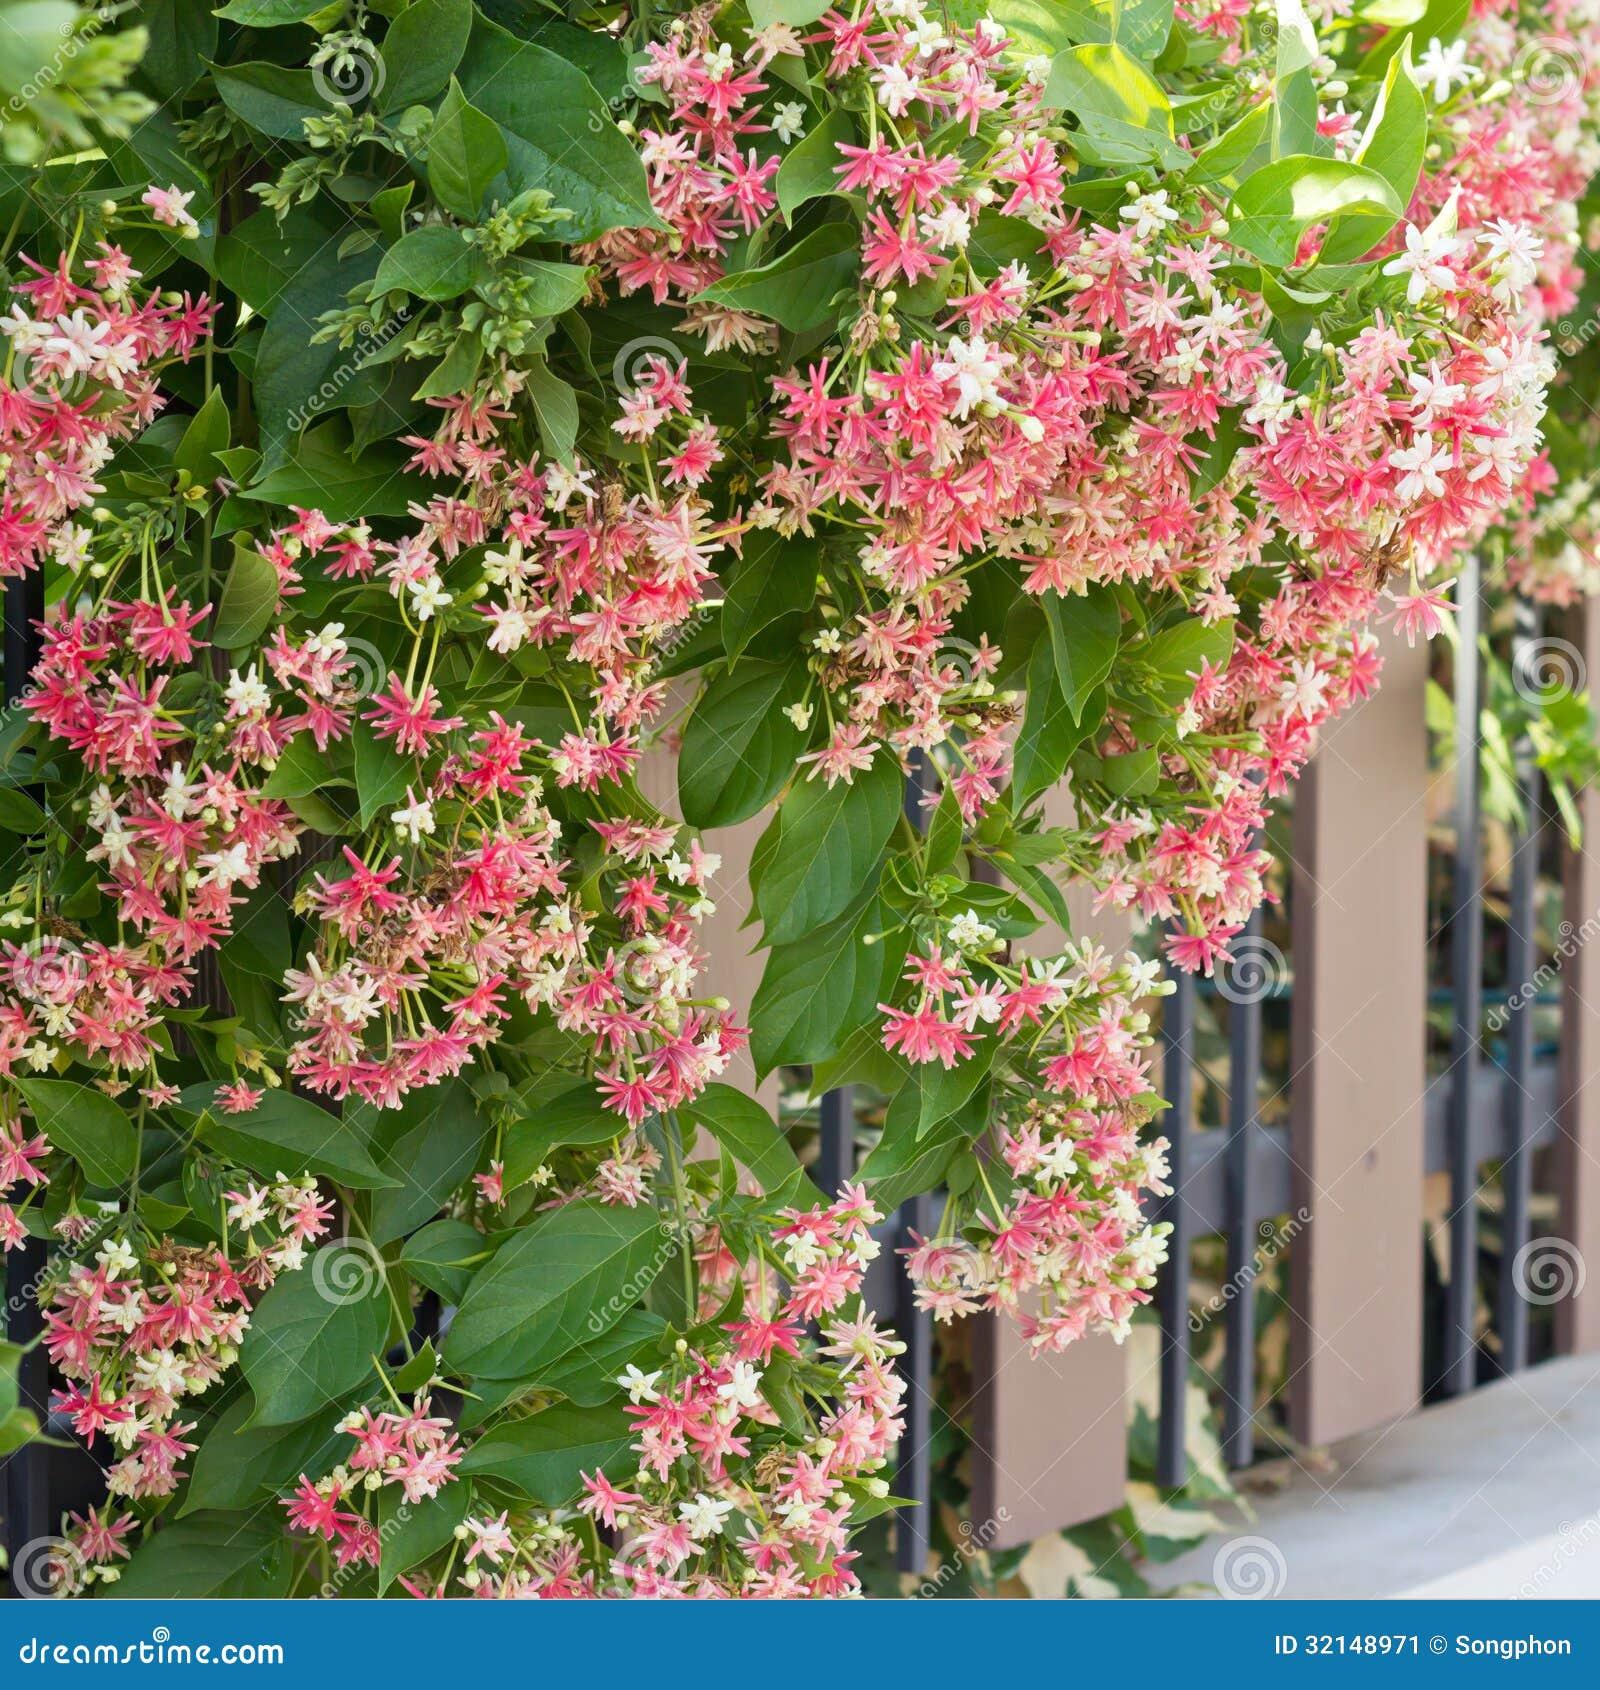 Quisqualis Indica Stock Image - Image: 32148971